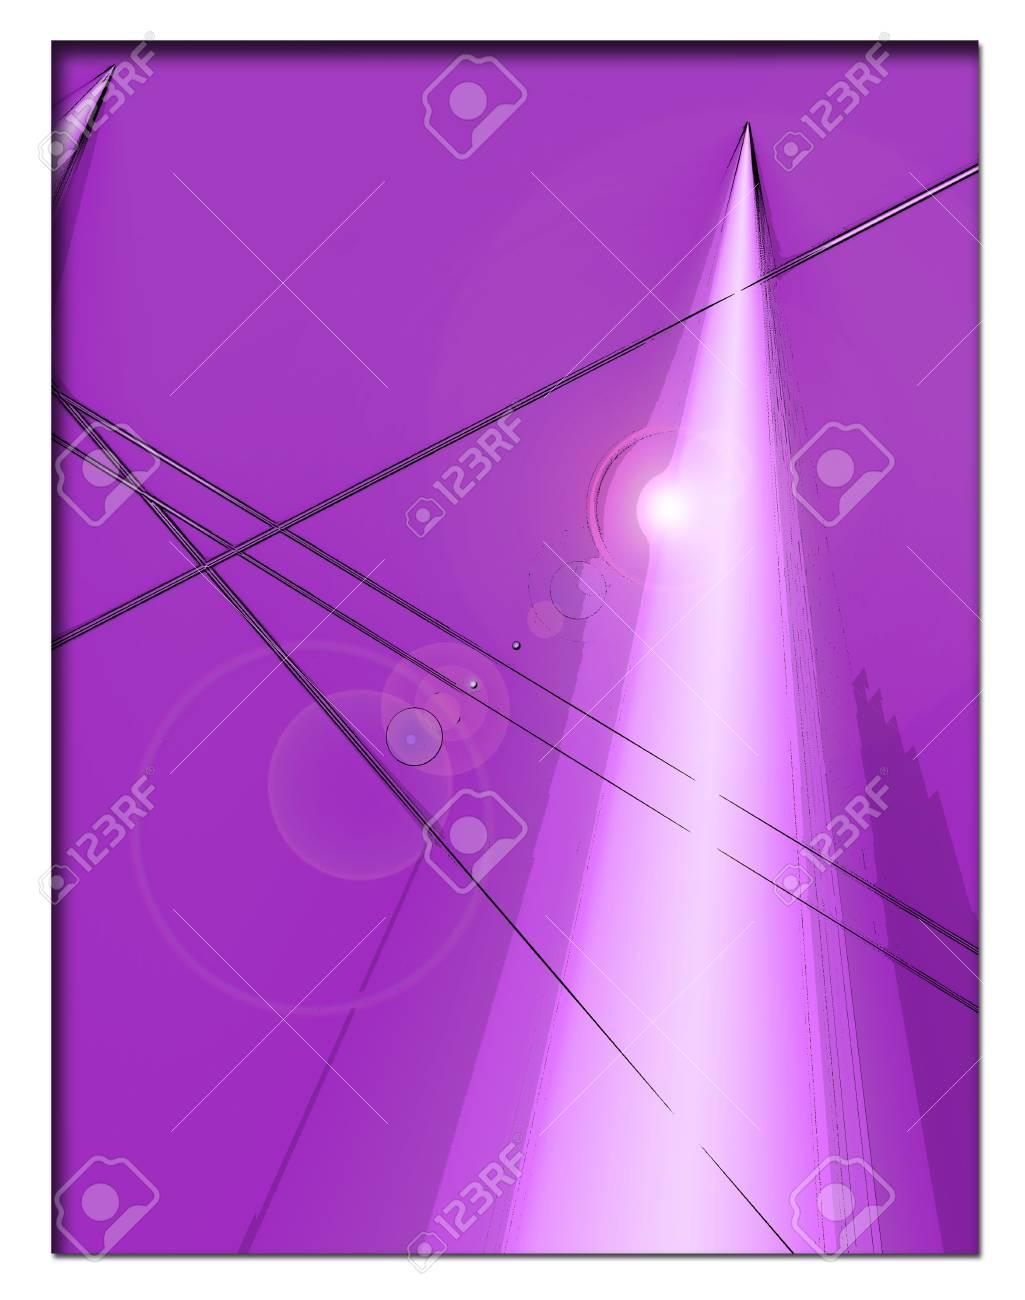 Fondo Púrpura Con Imágenes Orgánicos Y Blanco De Tiro De La Pirámide ...